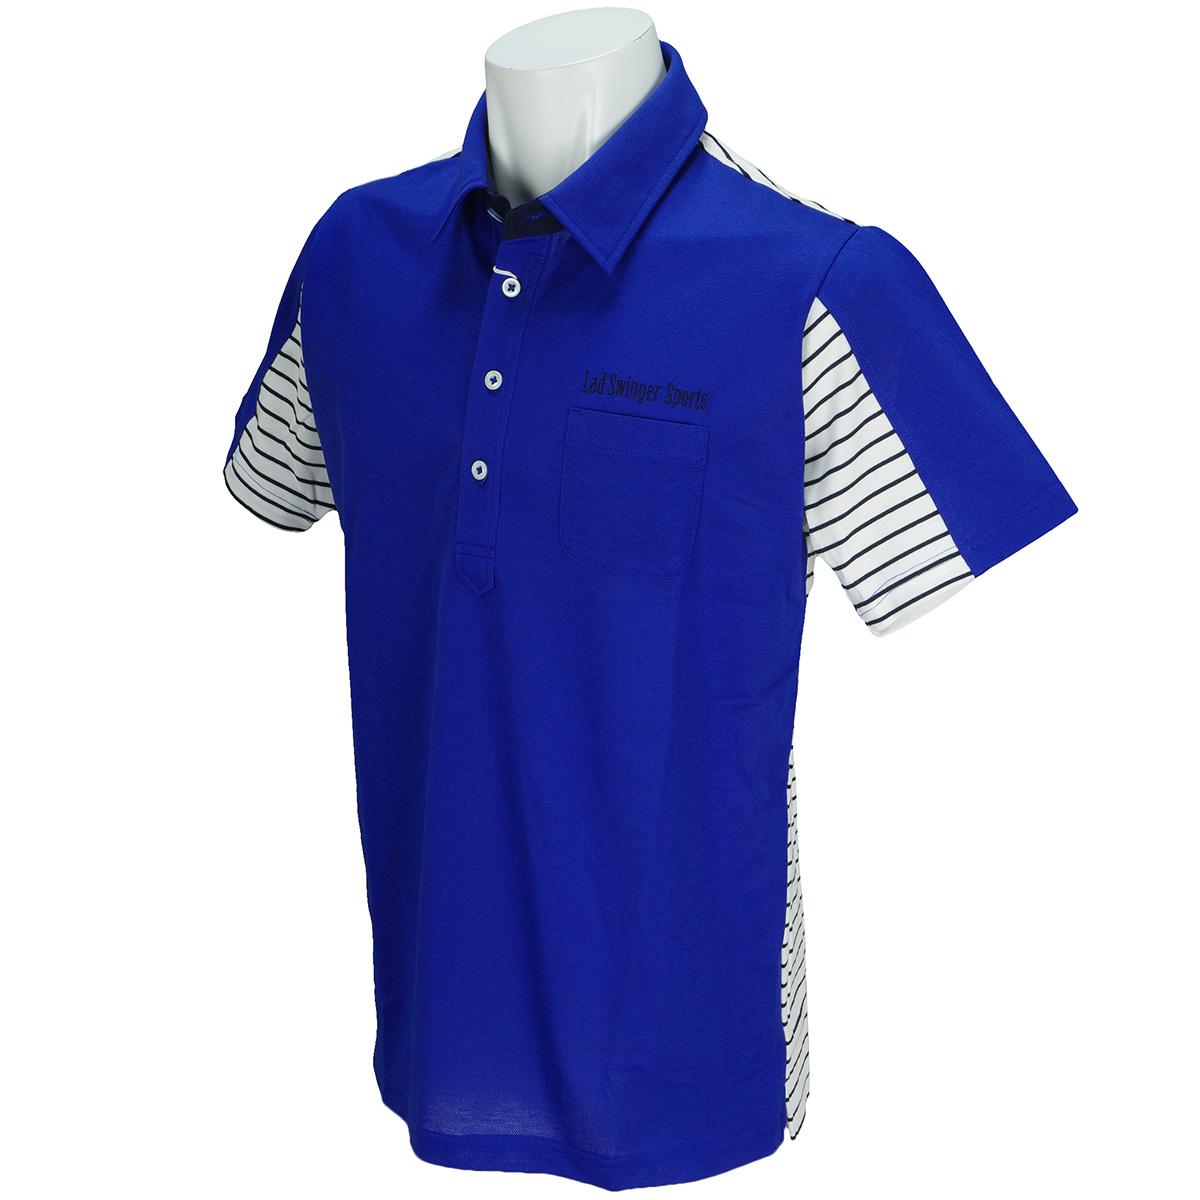 鹿の子ボーダー切替半袖ポロシャツ